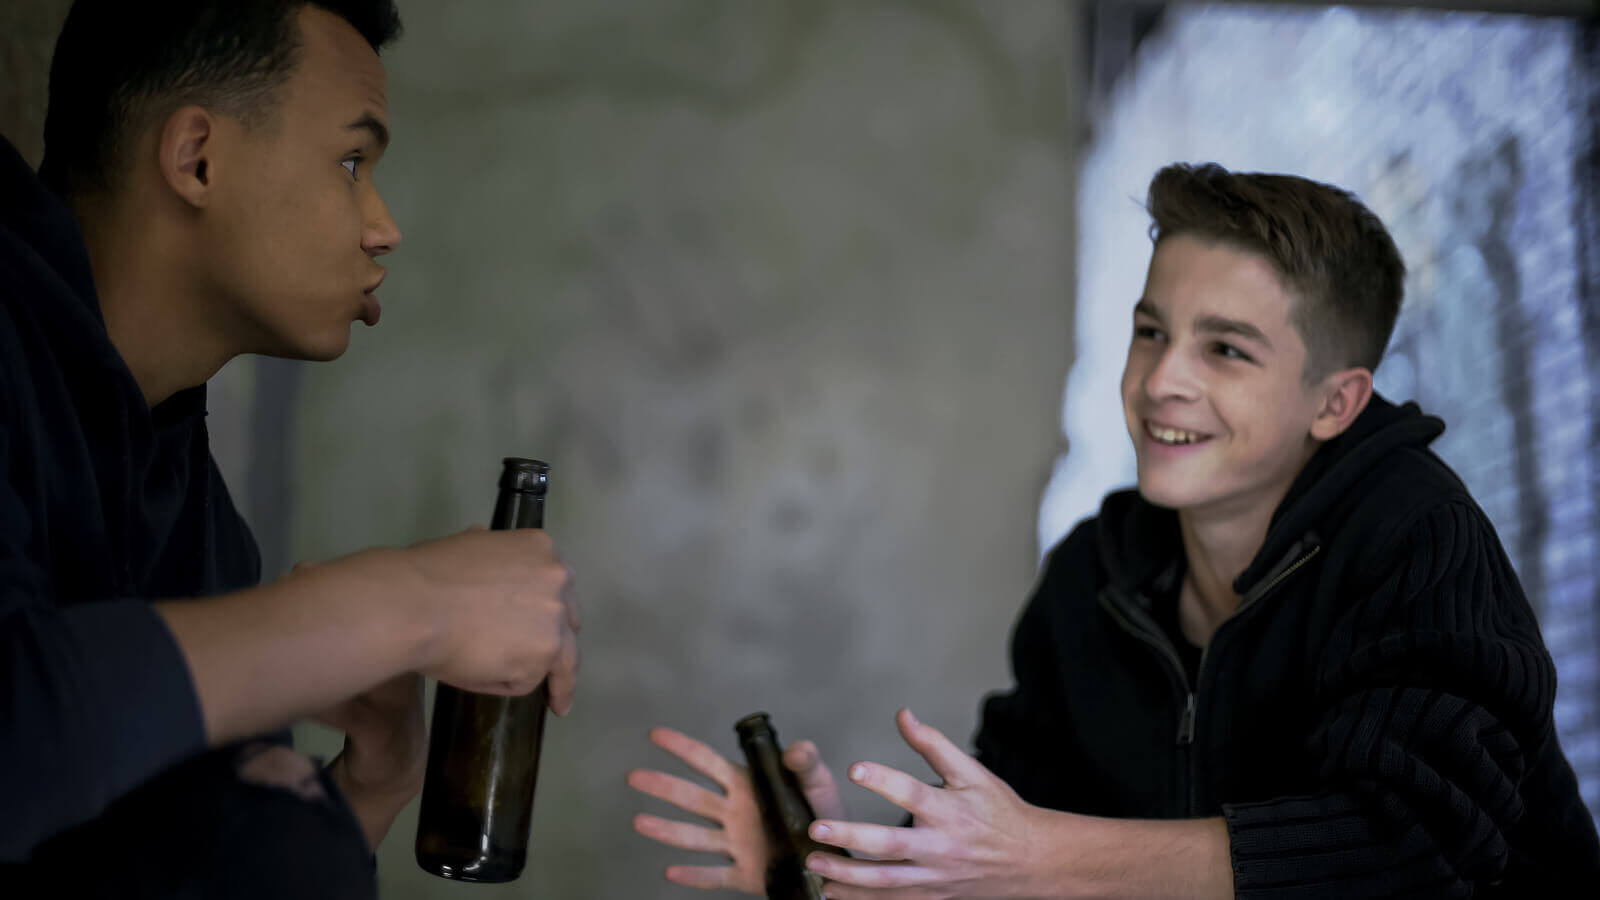 Deux adolescents buvant de l'alcool.